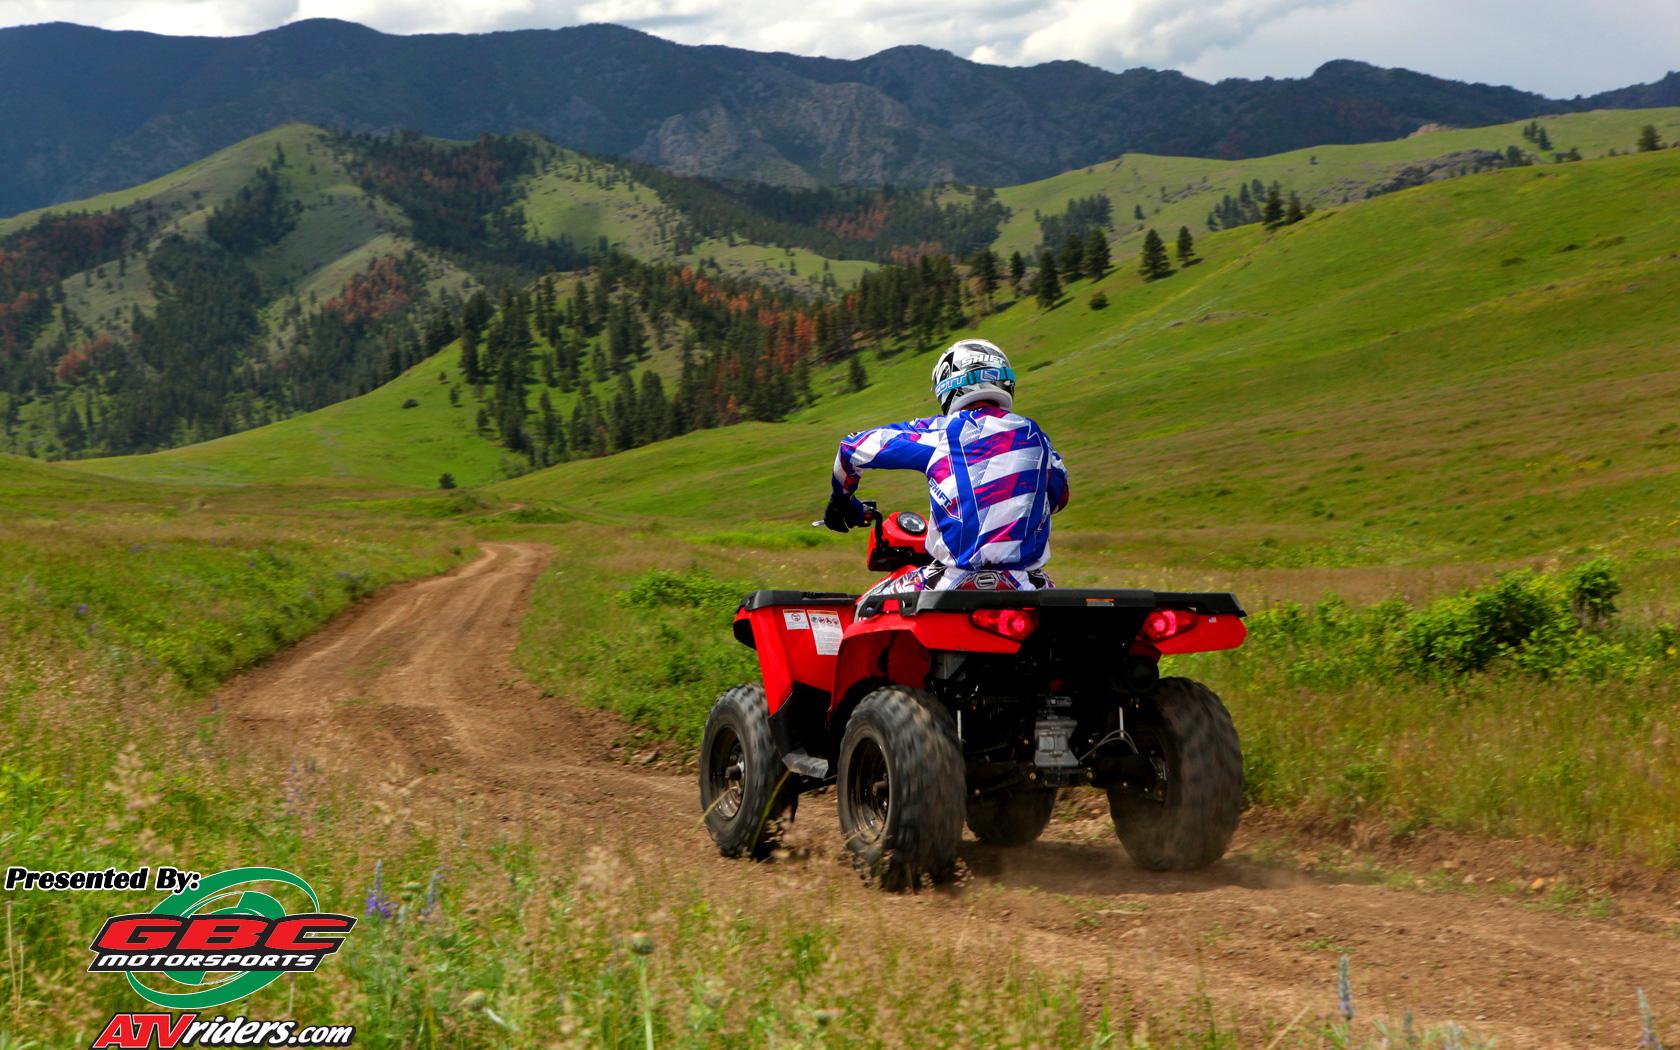 2010 Polaris Sportsman 400 H O 4x4 Atv Montana Mountains